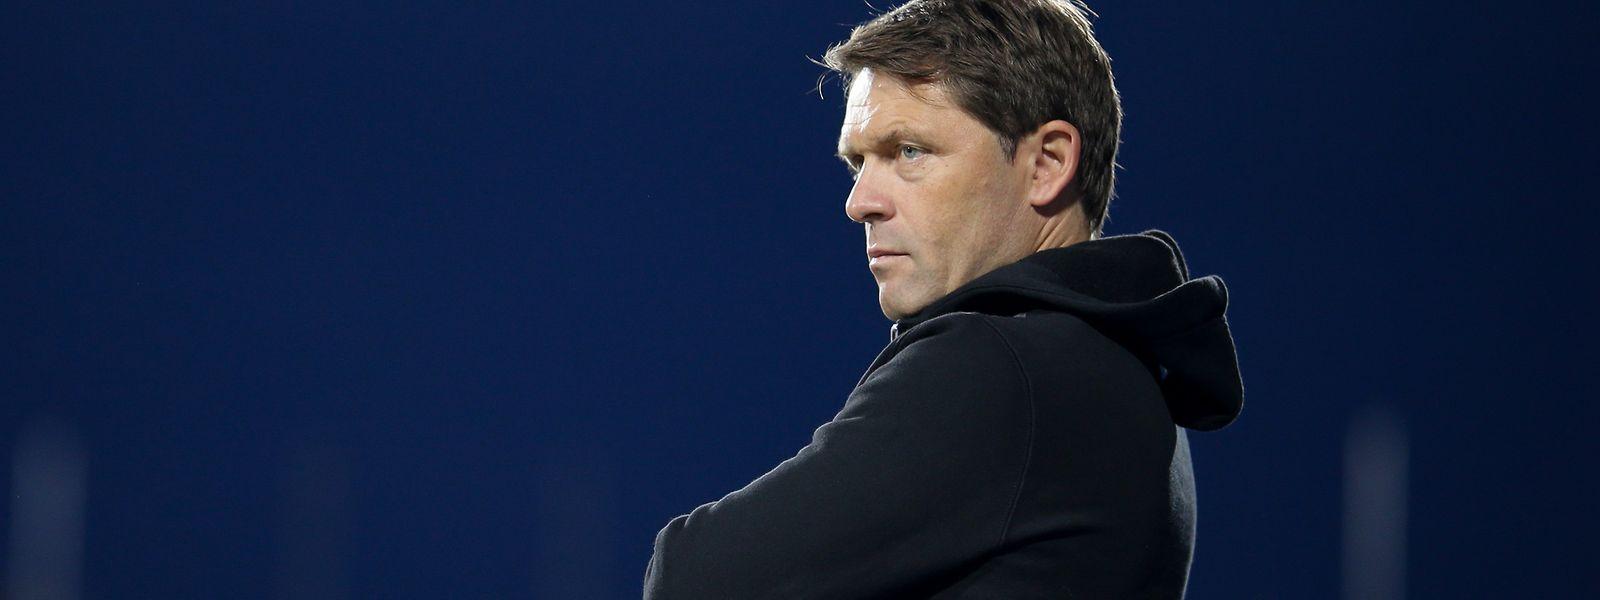 Luc Holtz sah viel Positives bei der Luxemburger 0:1-Niederlage.